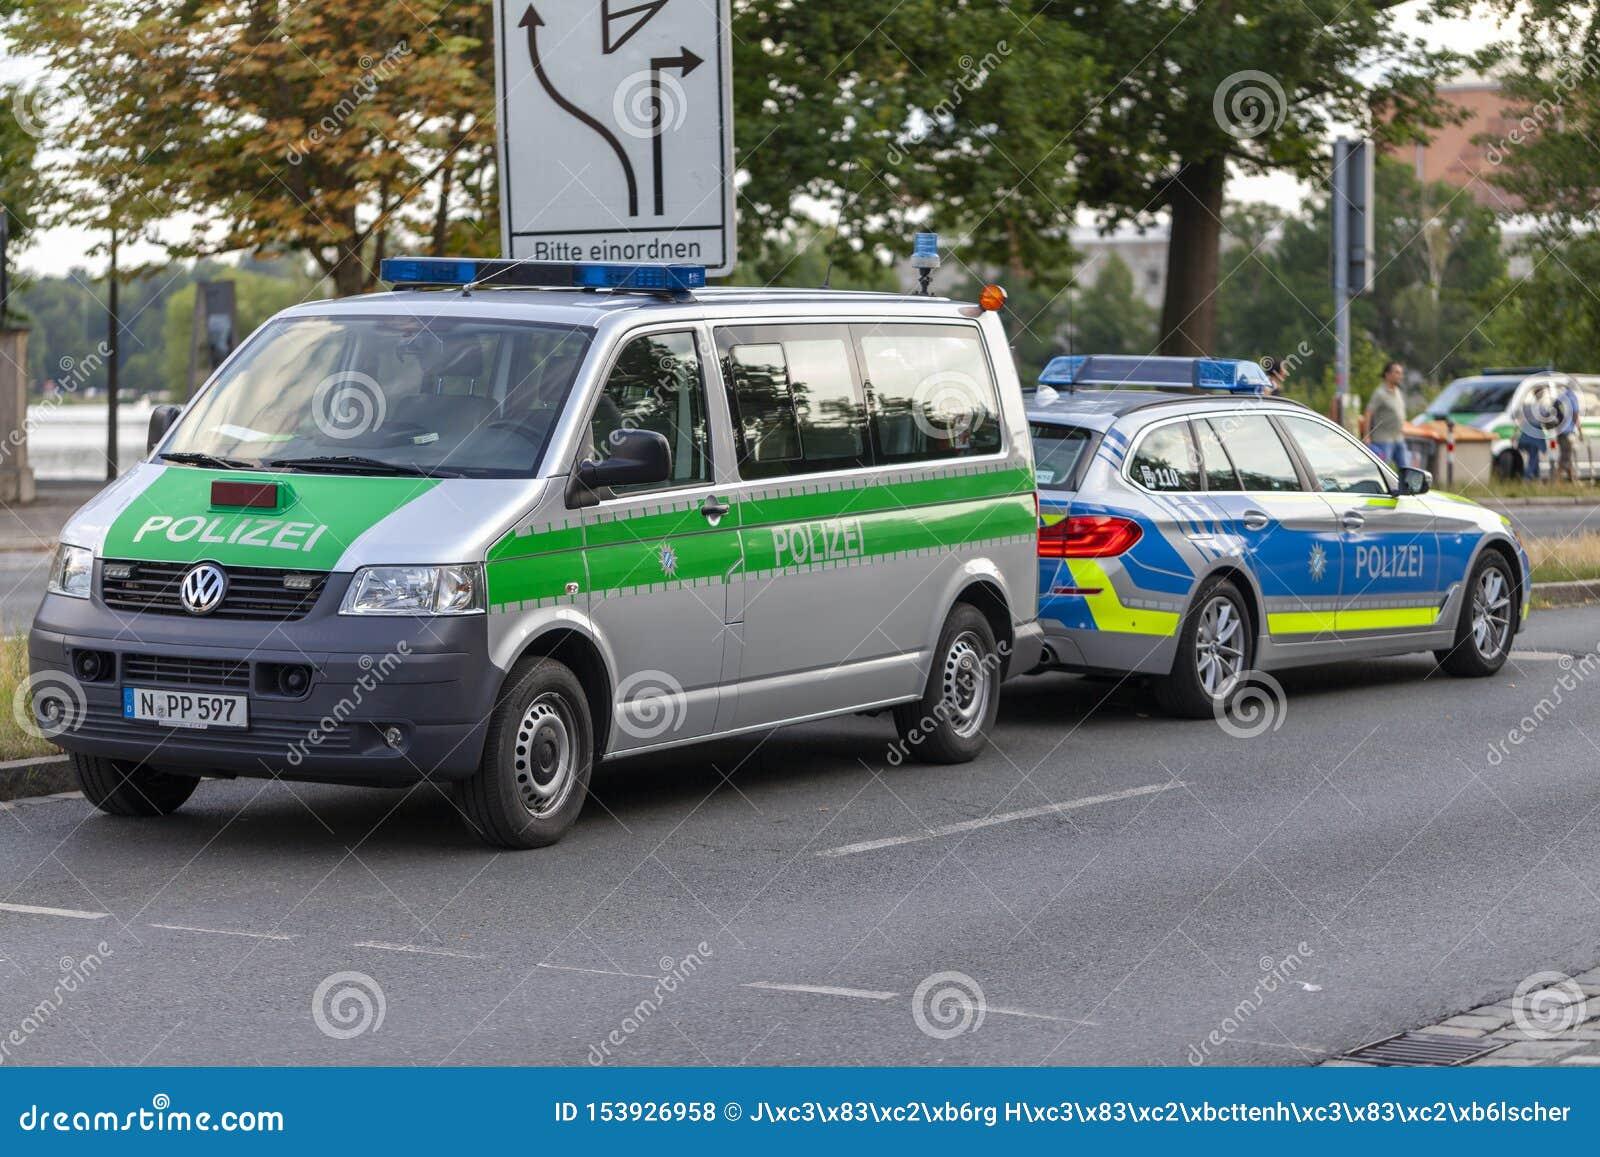 Carro de polícia dos suportes alemães da polícia em uma rua